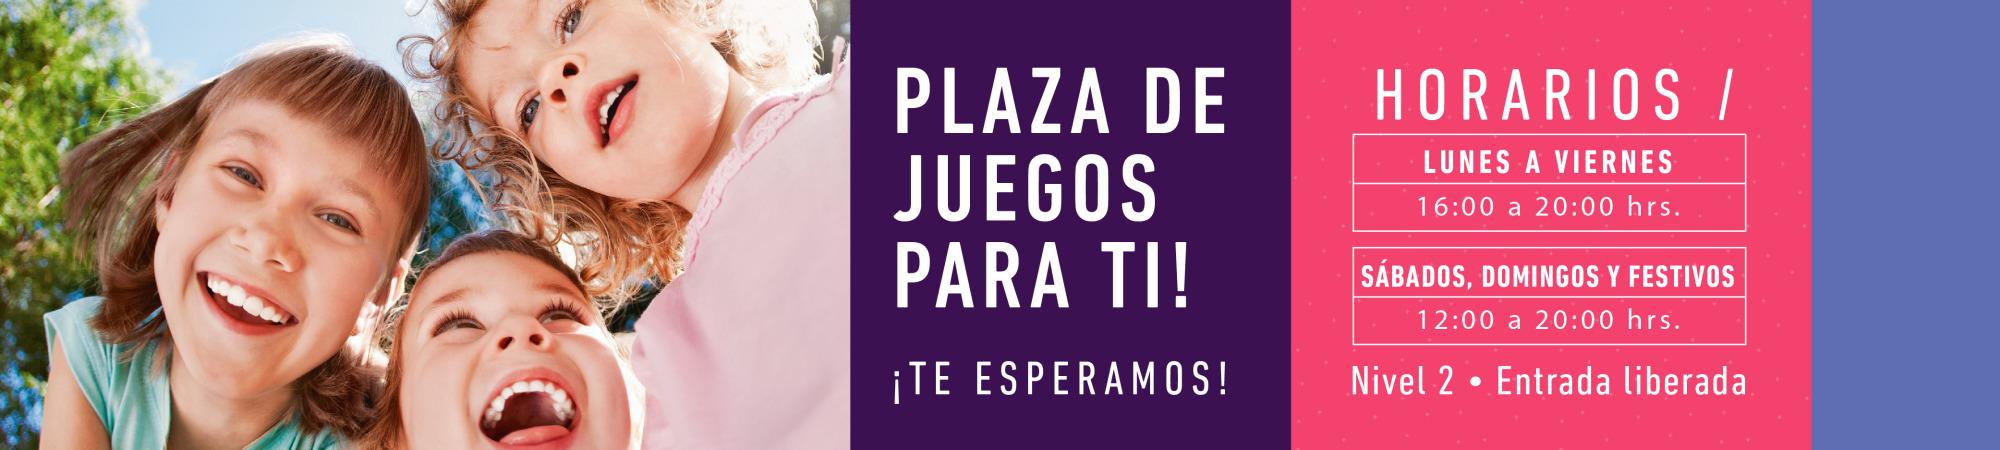 Plaza de Juegos